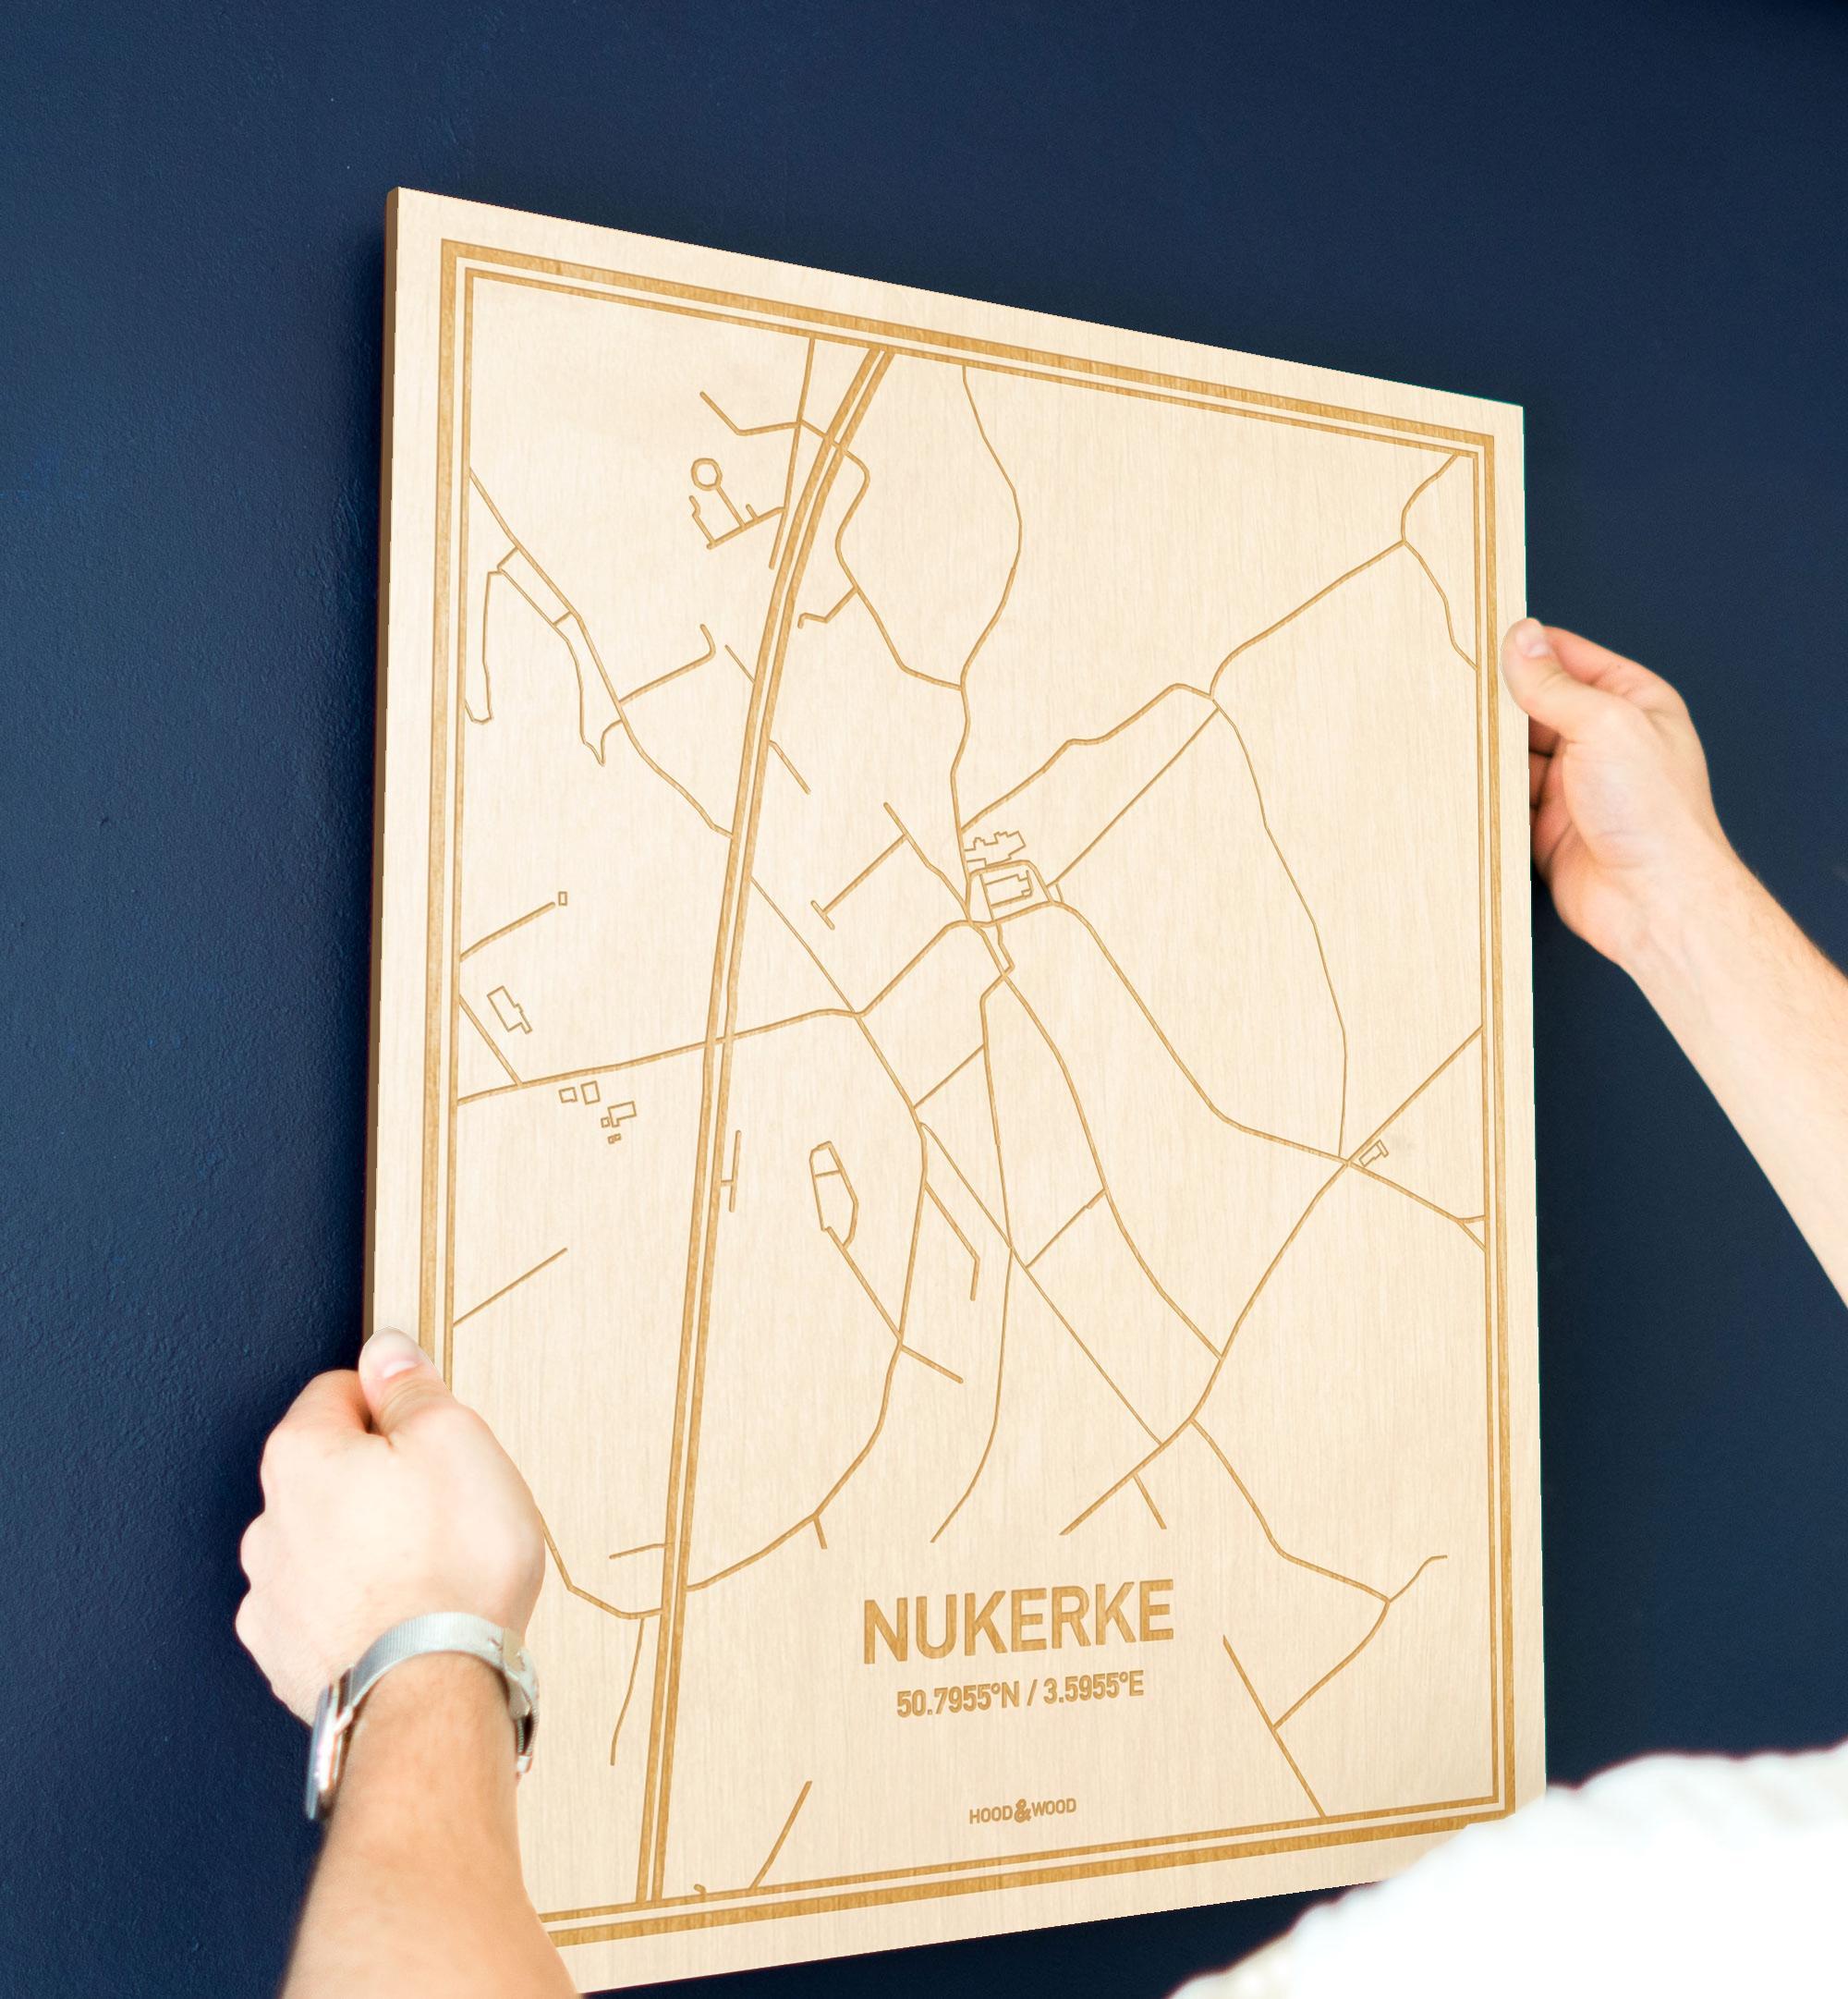 Een man hangt de houten plattegrond Nukerke aan zijn blauwe muur ter decoratie. Je ziet alleen zijn handen de kaart van deze unieke in Oost-Vlaanderen  vasthouden.